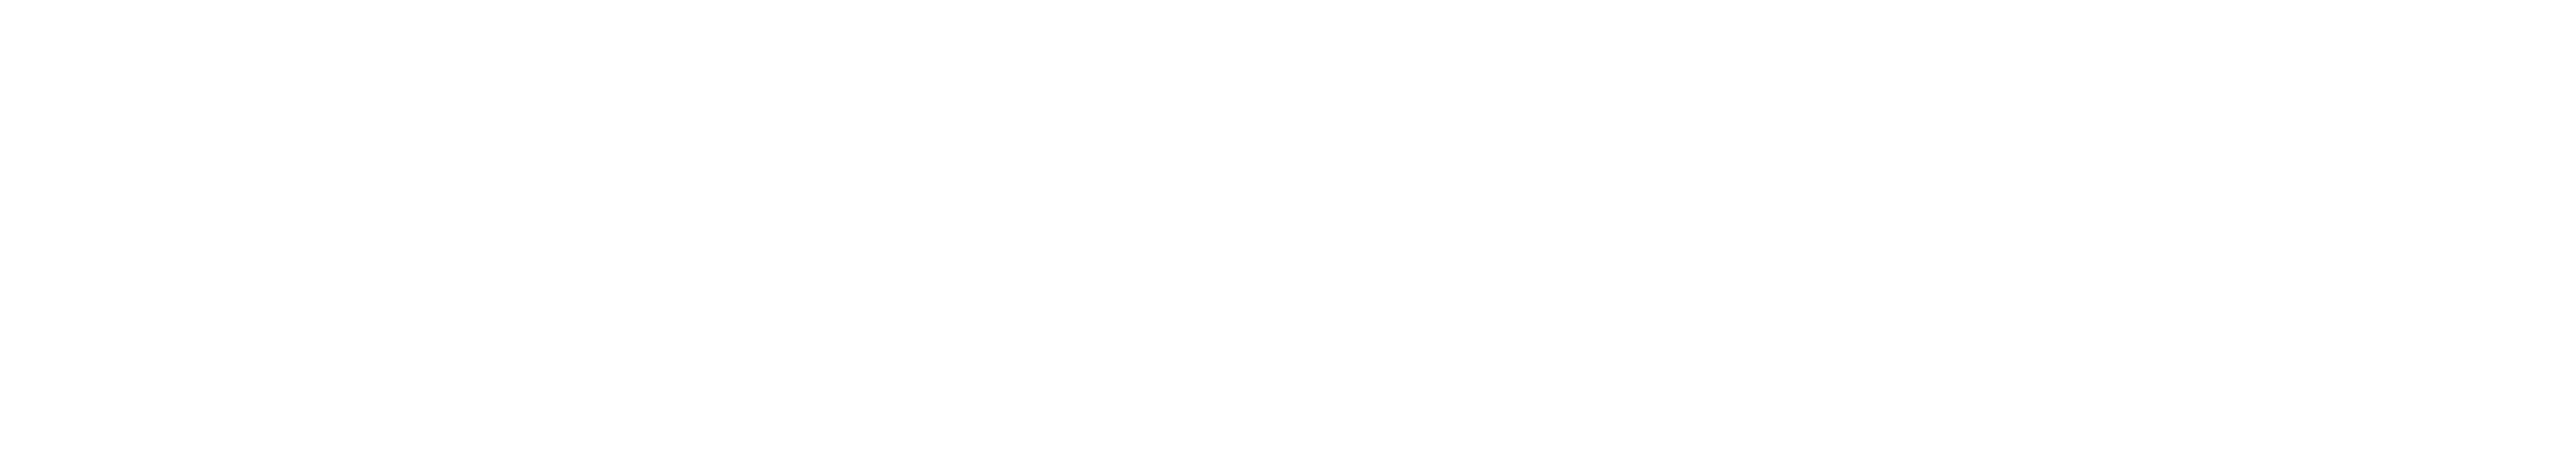 W. Hagmans Kfz-Sachverständiger